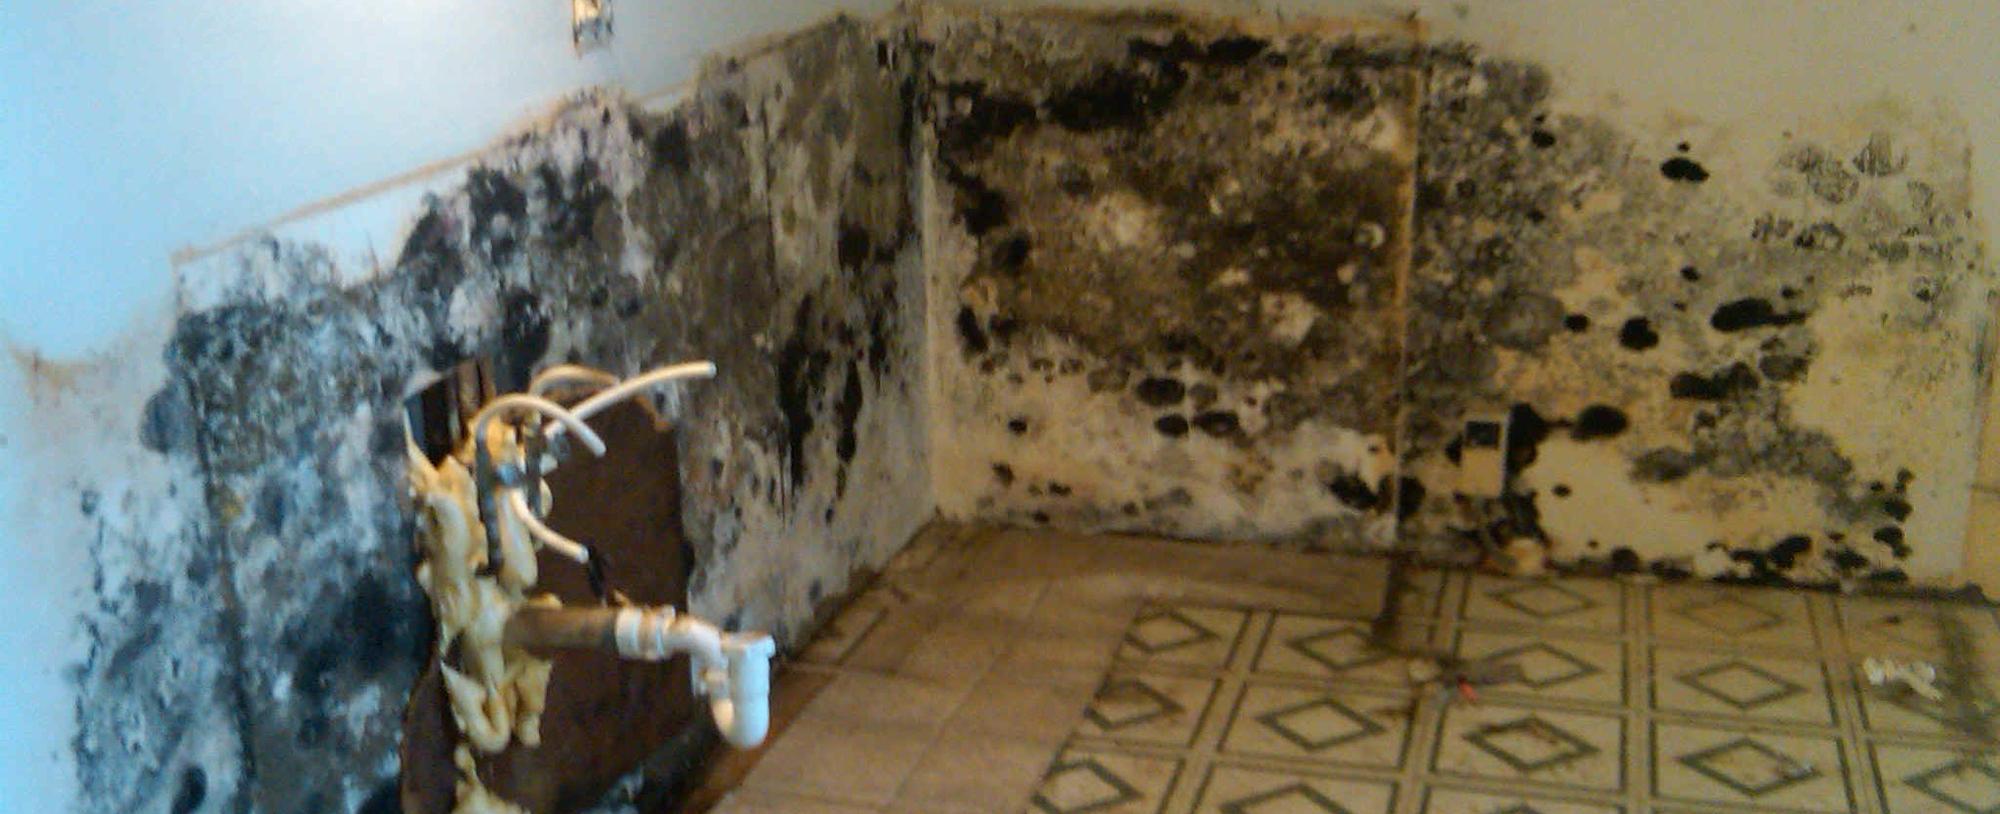 moldy home in fairbanks